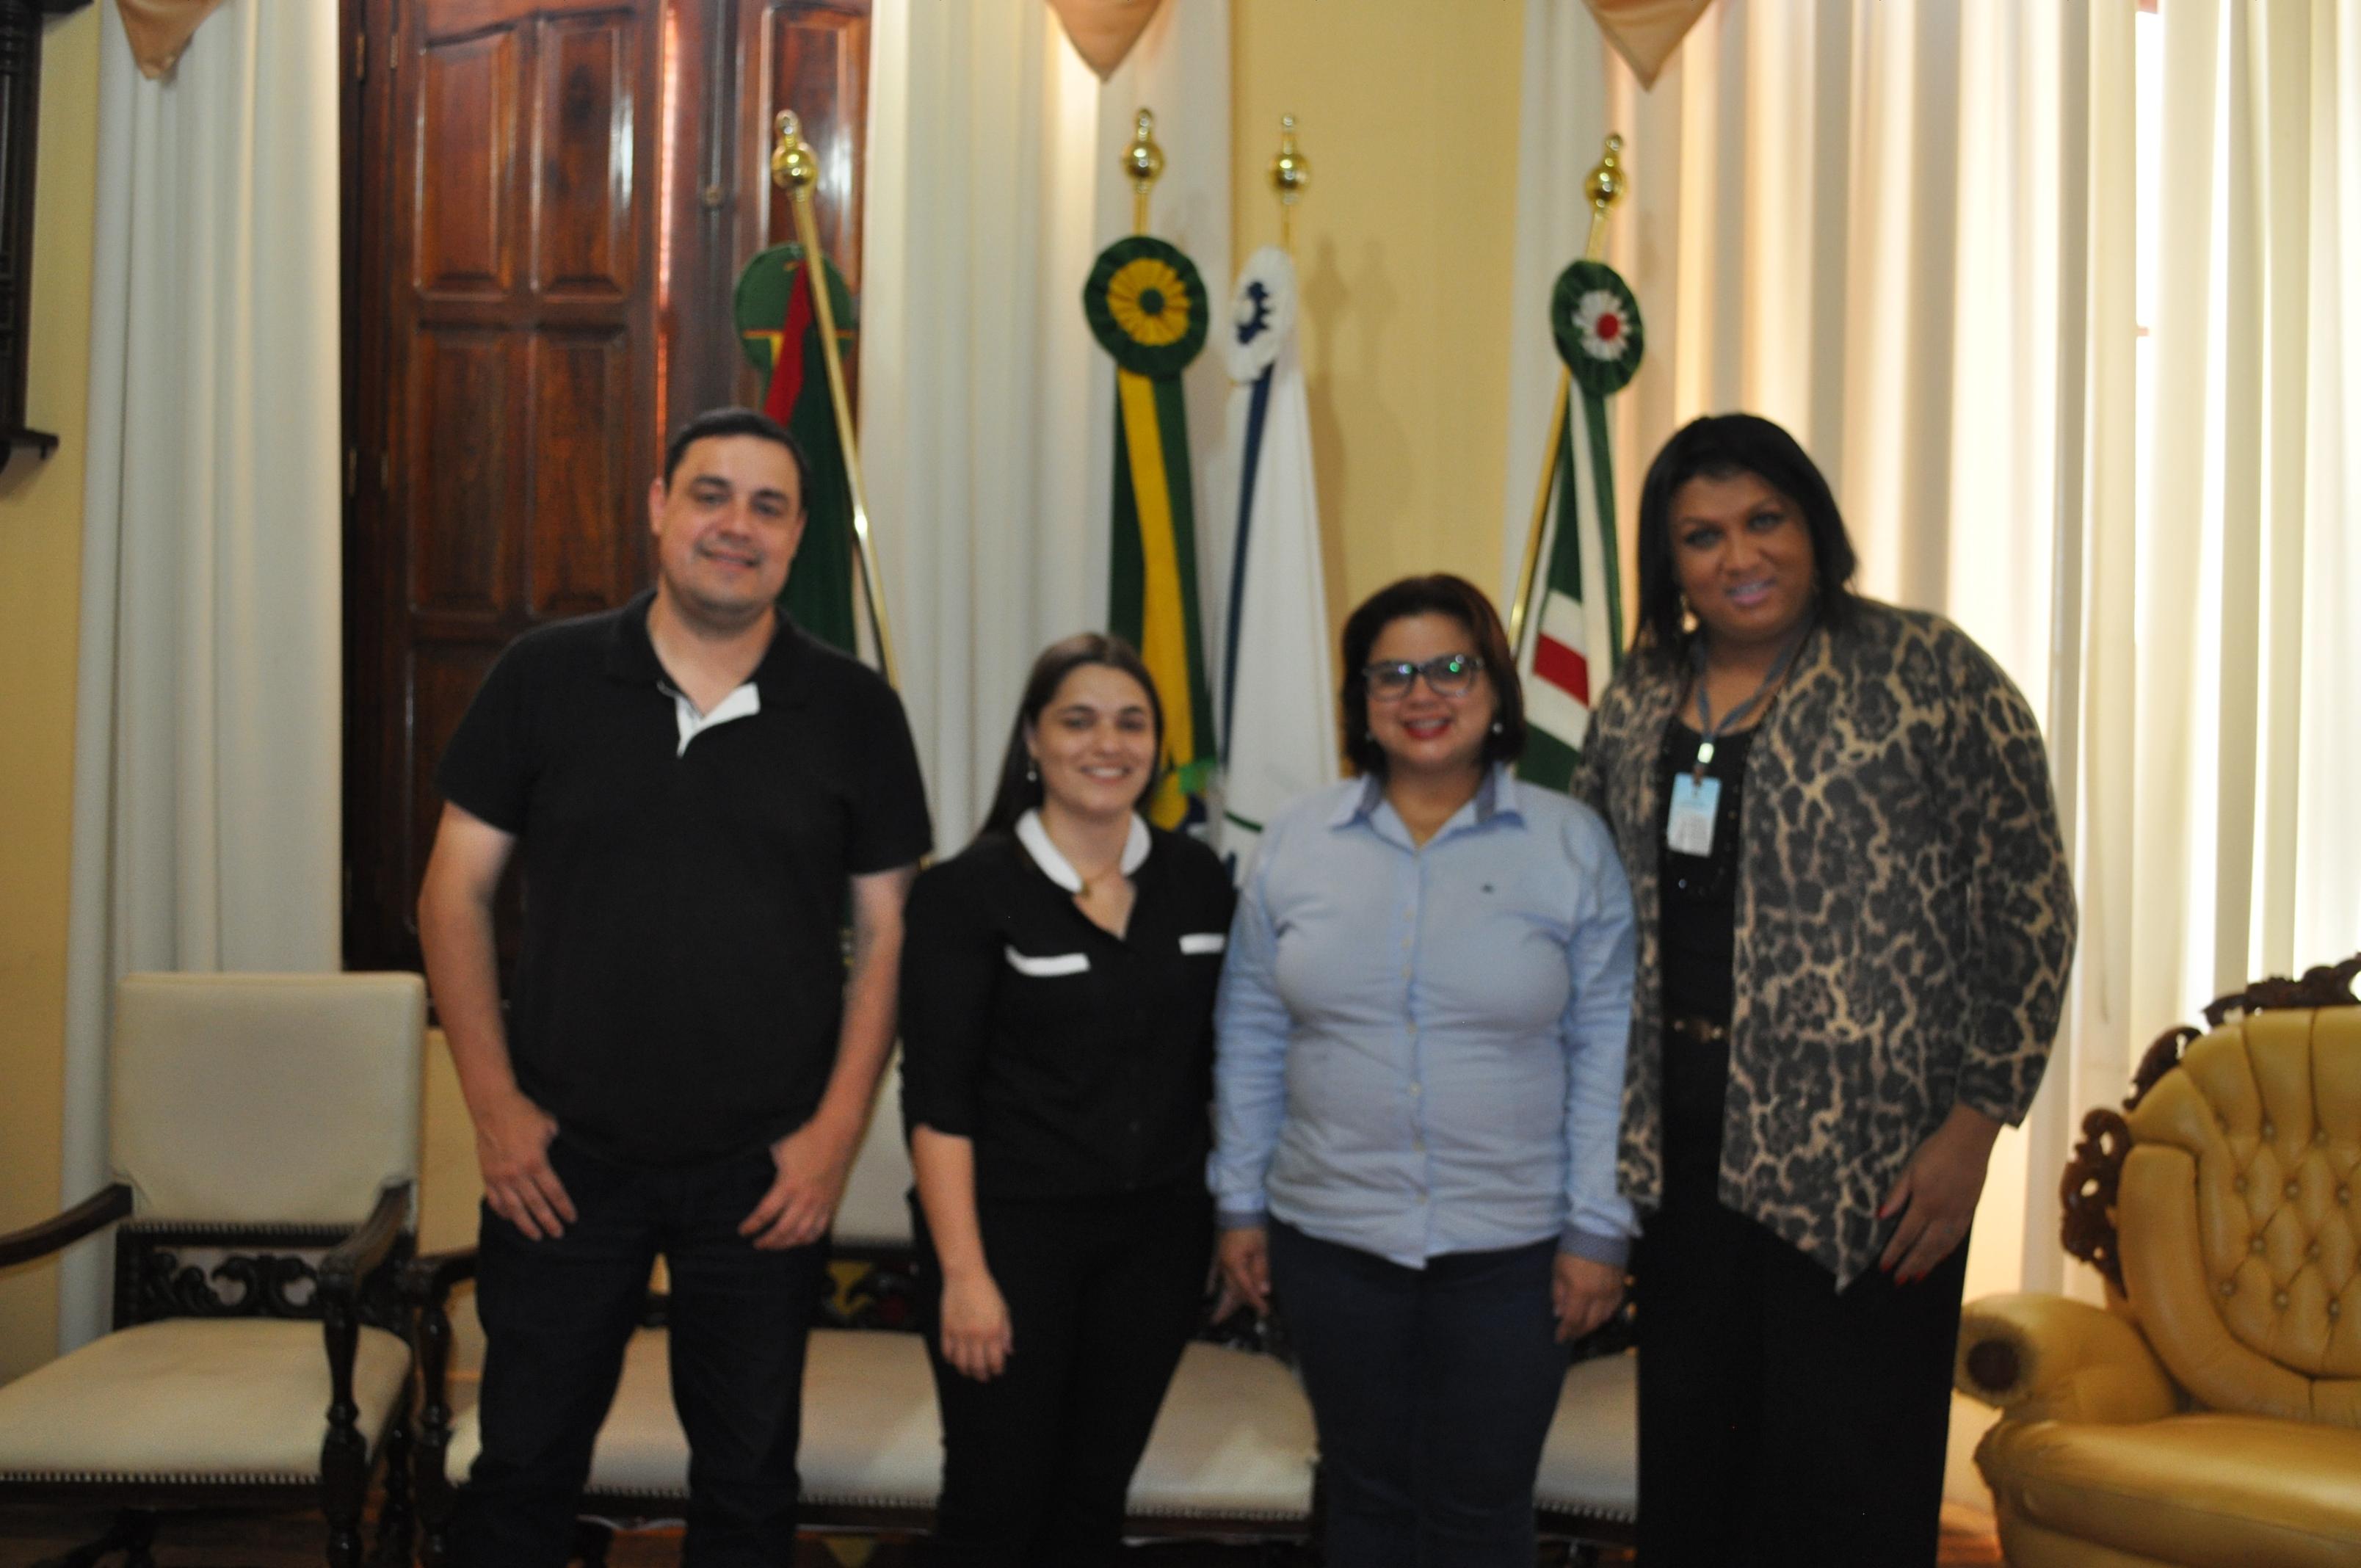 Assessora Adriana Souza, da Coordenadoria de Diversidade Sexual do Departamento de Direitos Humanos e Cidadania é recebida no Gabinete do Prefeito